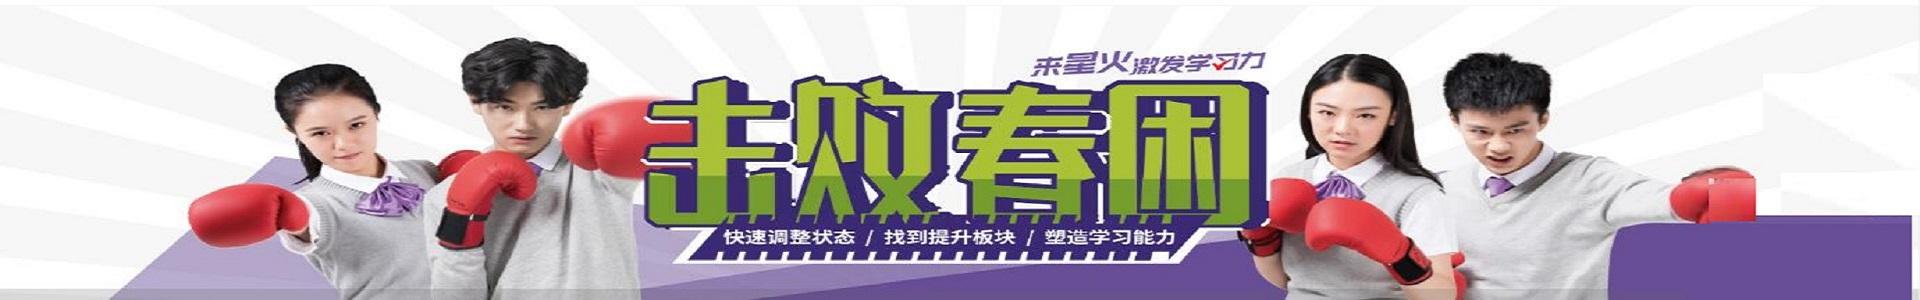 张家港星火教育中小学辅导品牌